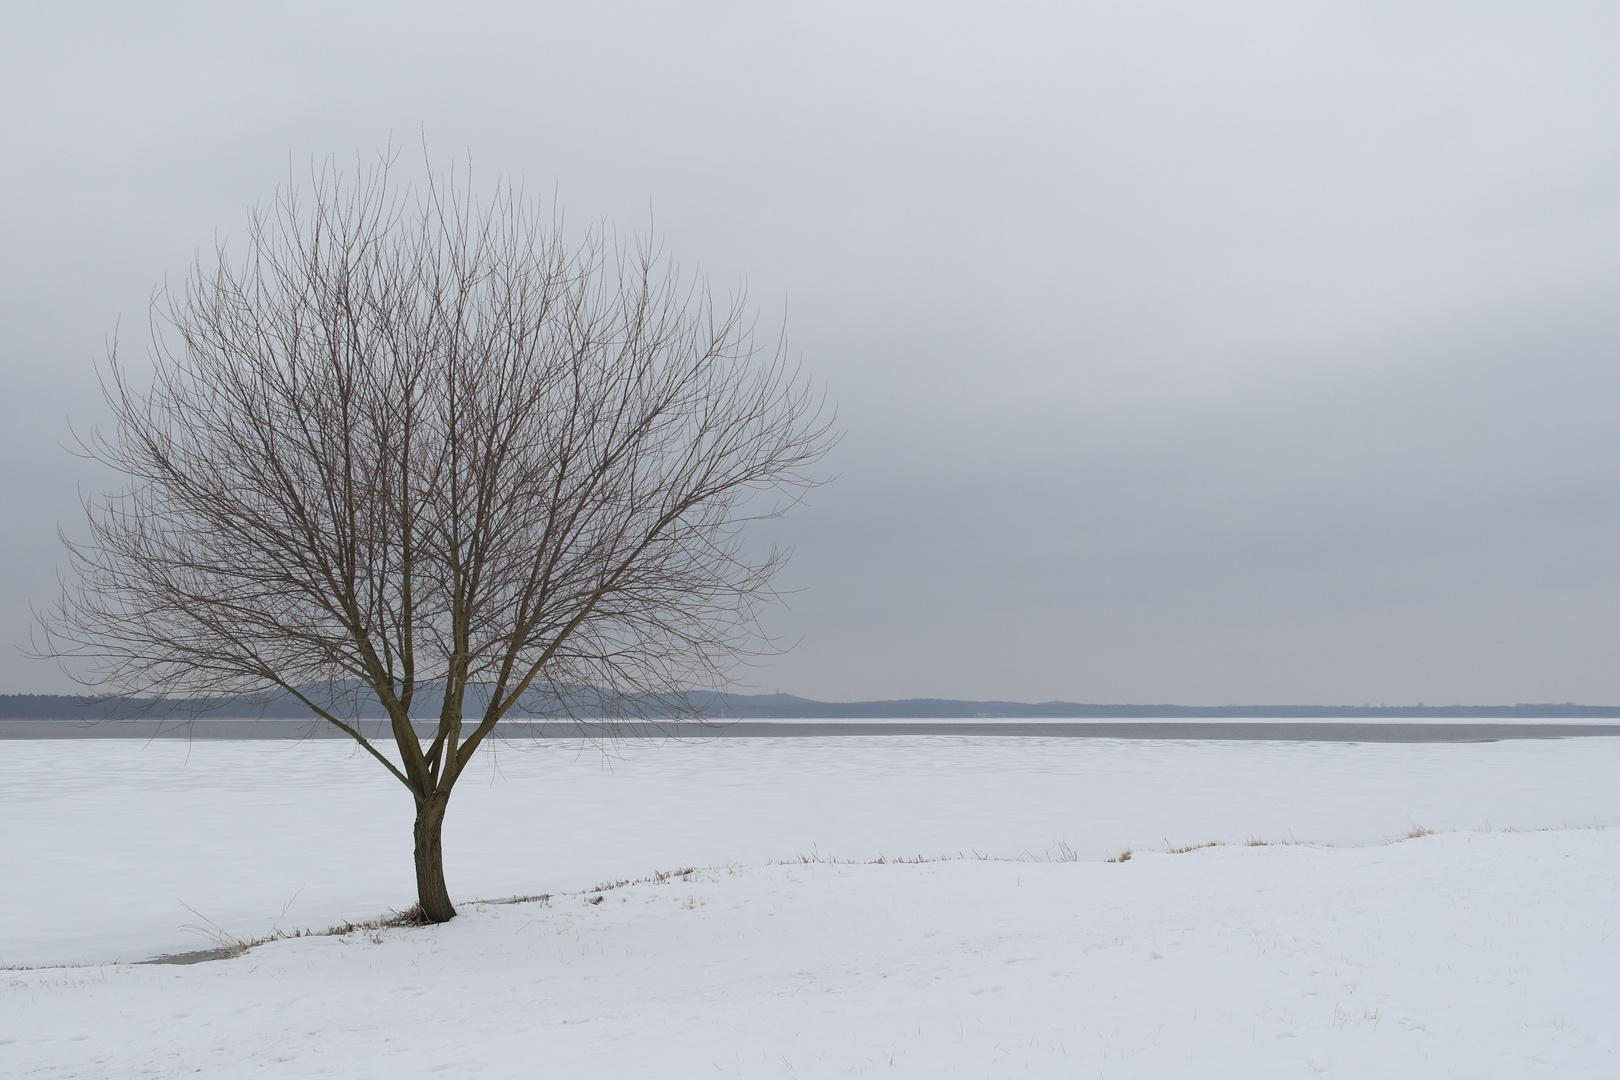 Wintereinbruch im März